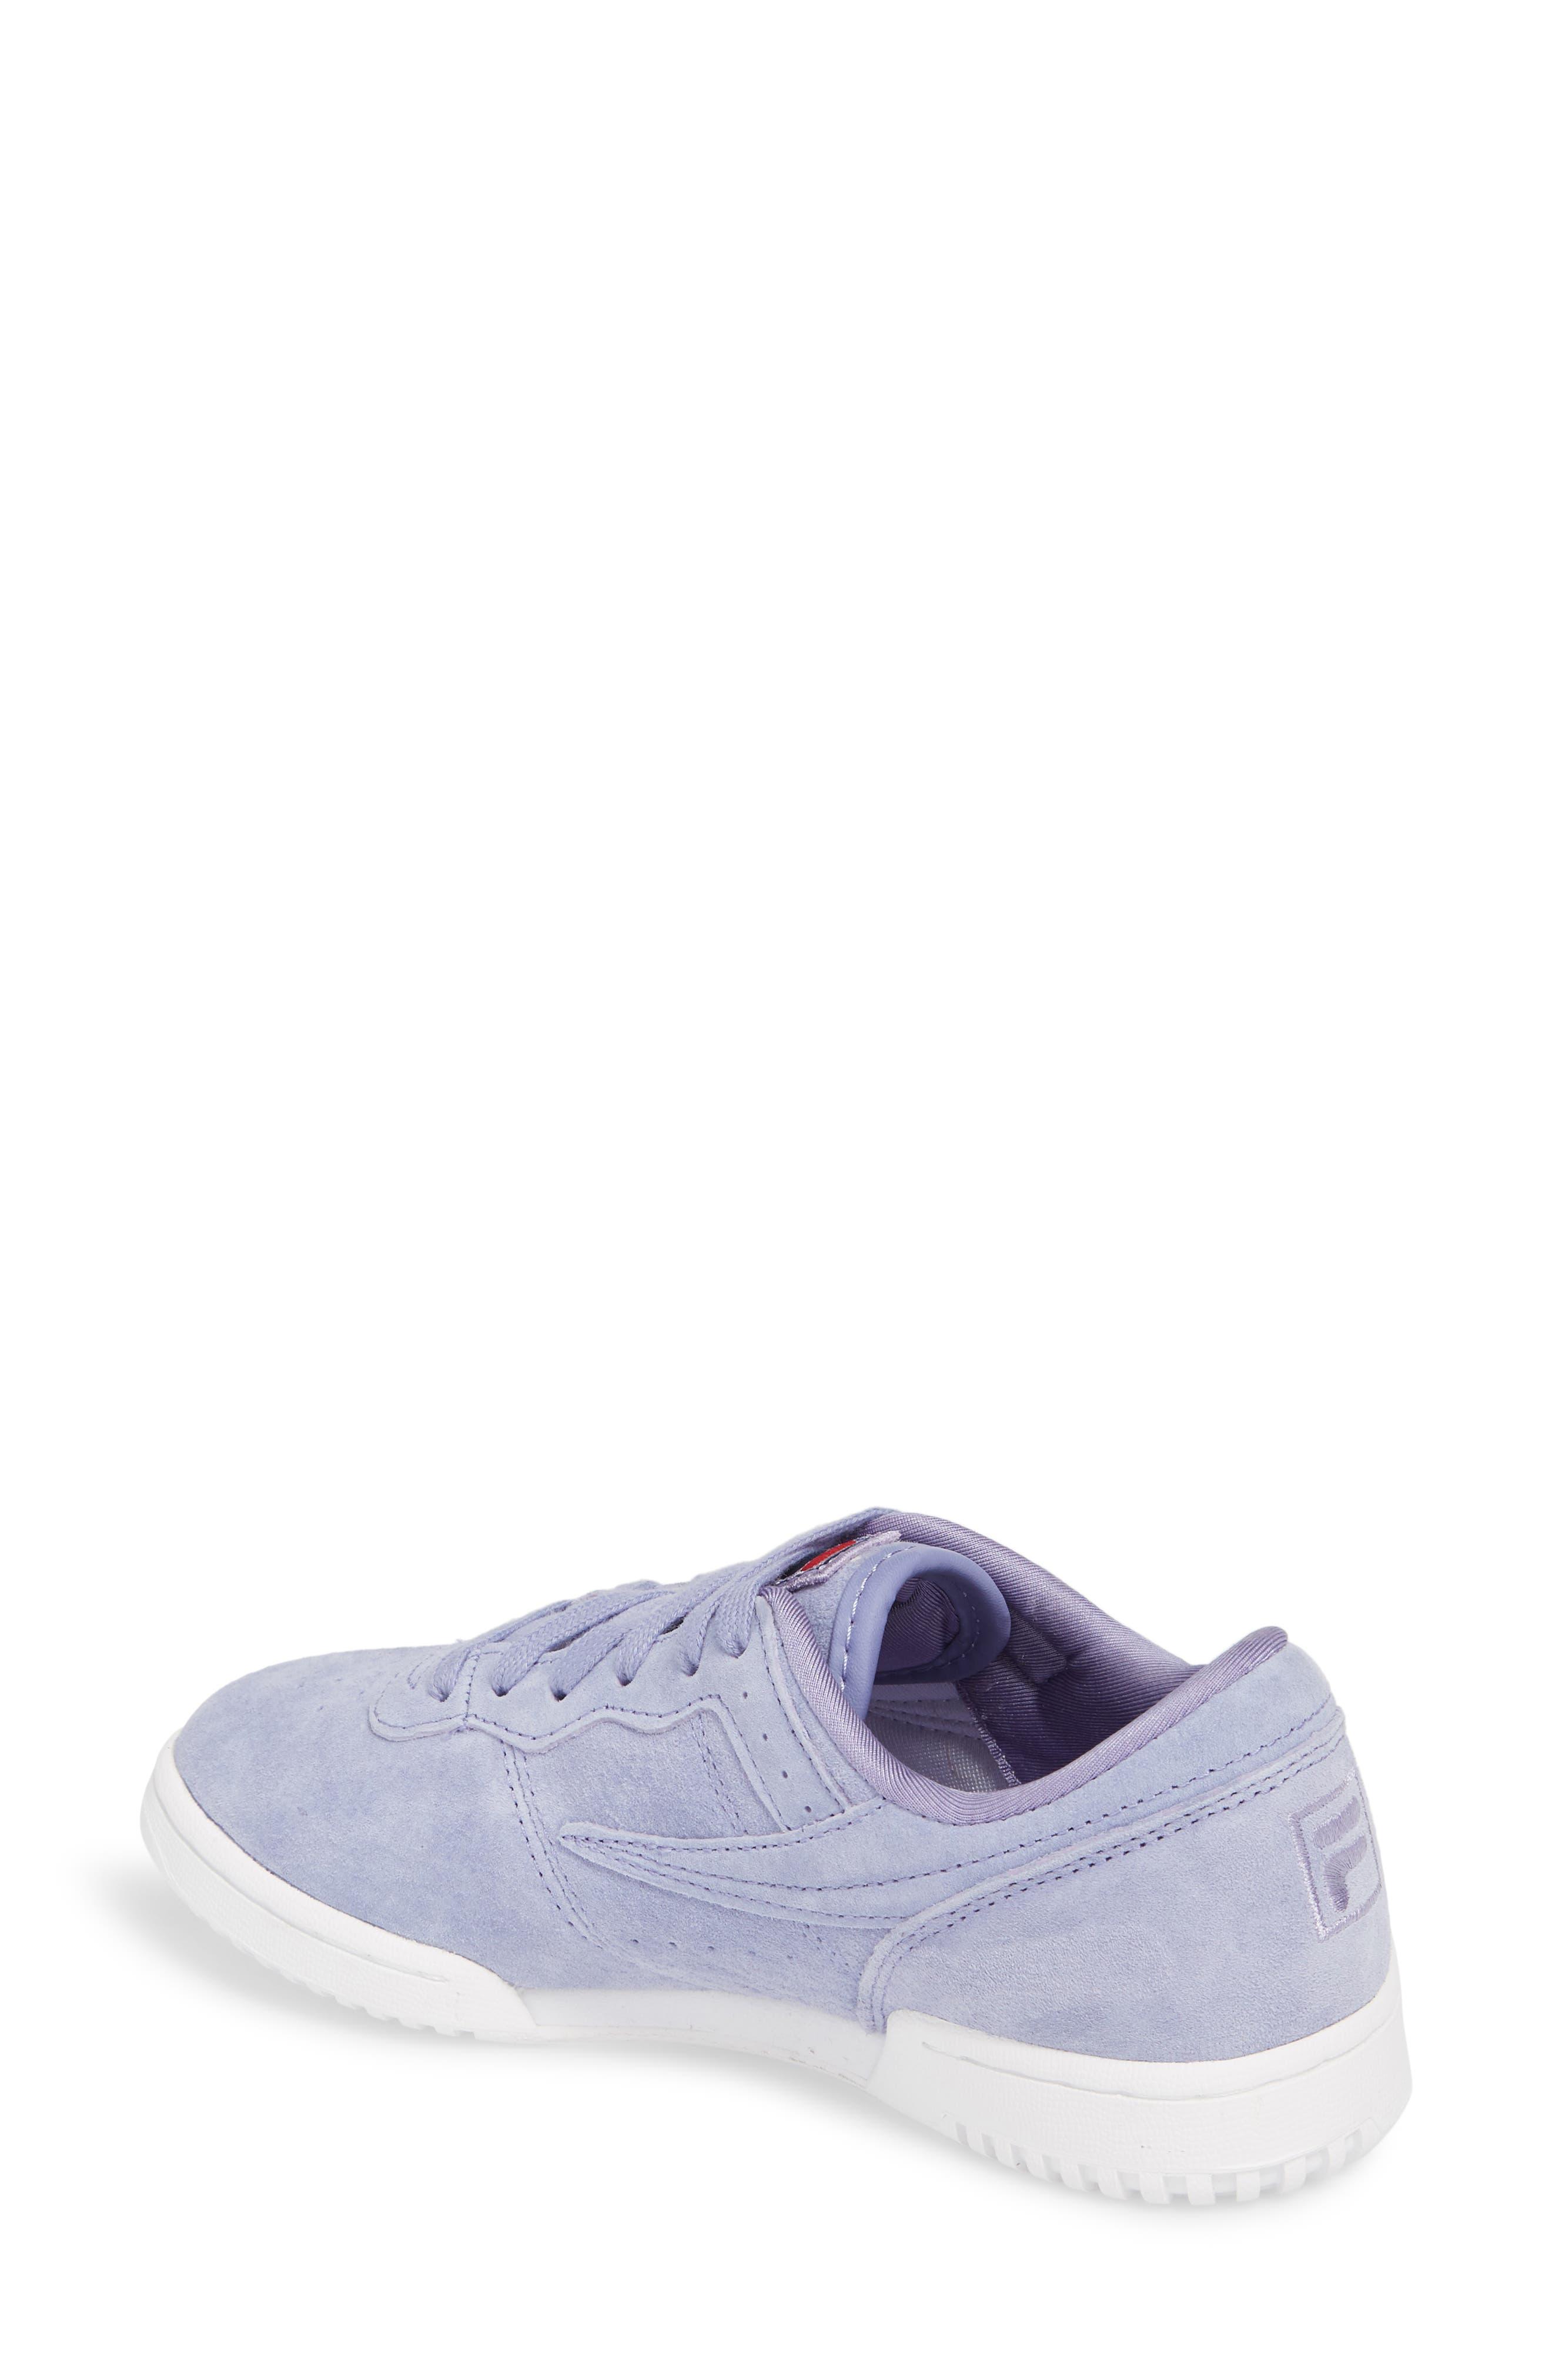 Original Fitness Premium Sneaker,                             Alternate thumbnail 2, color,                             SLAV/ SLAV/ WHT